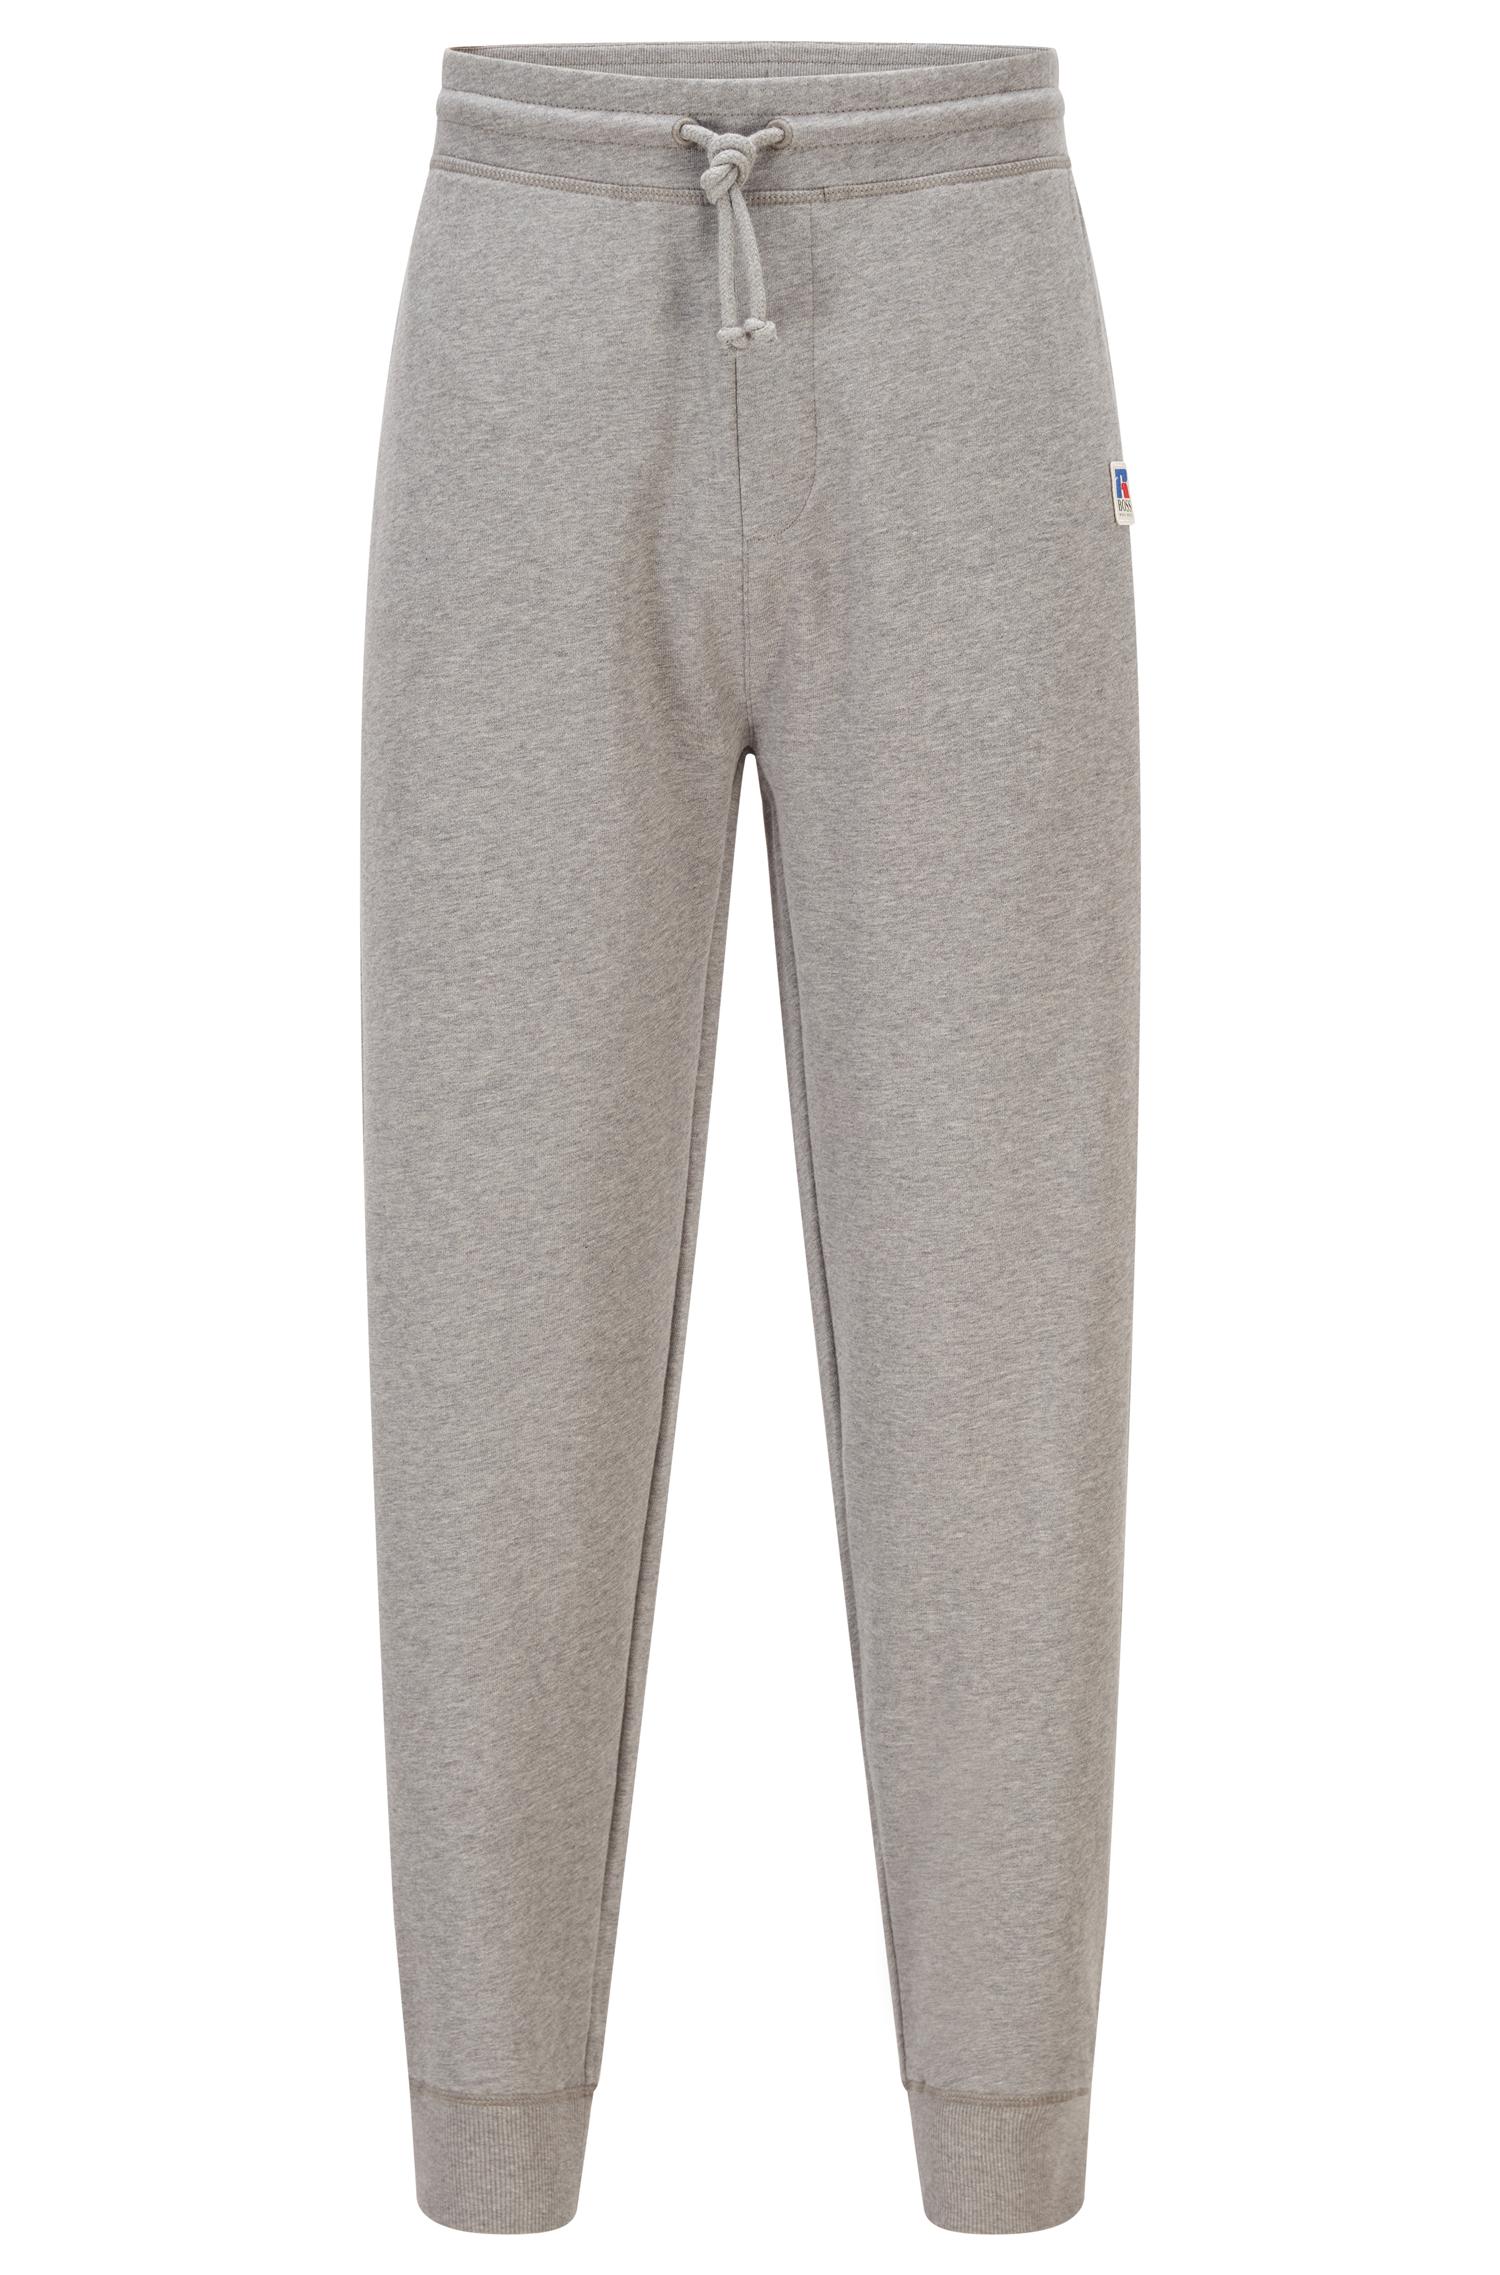 Pantaloni della tuta in cotone biologico con fondo elastico e logo esclusivo BOSS | Felpe | 50456903034